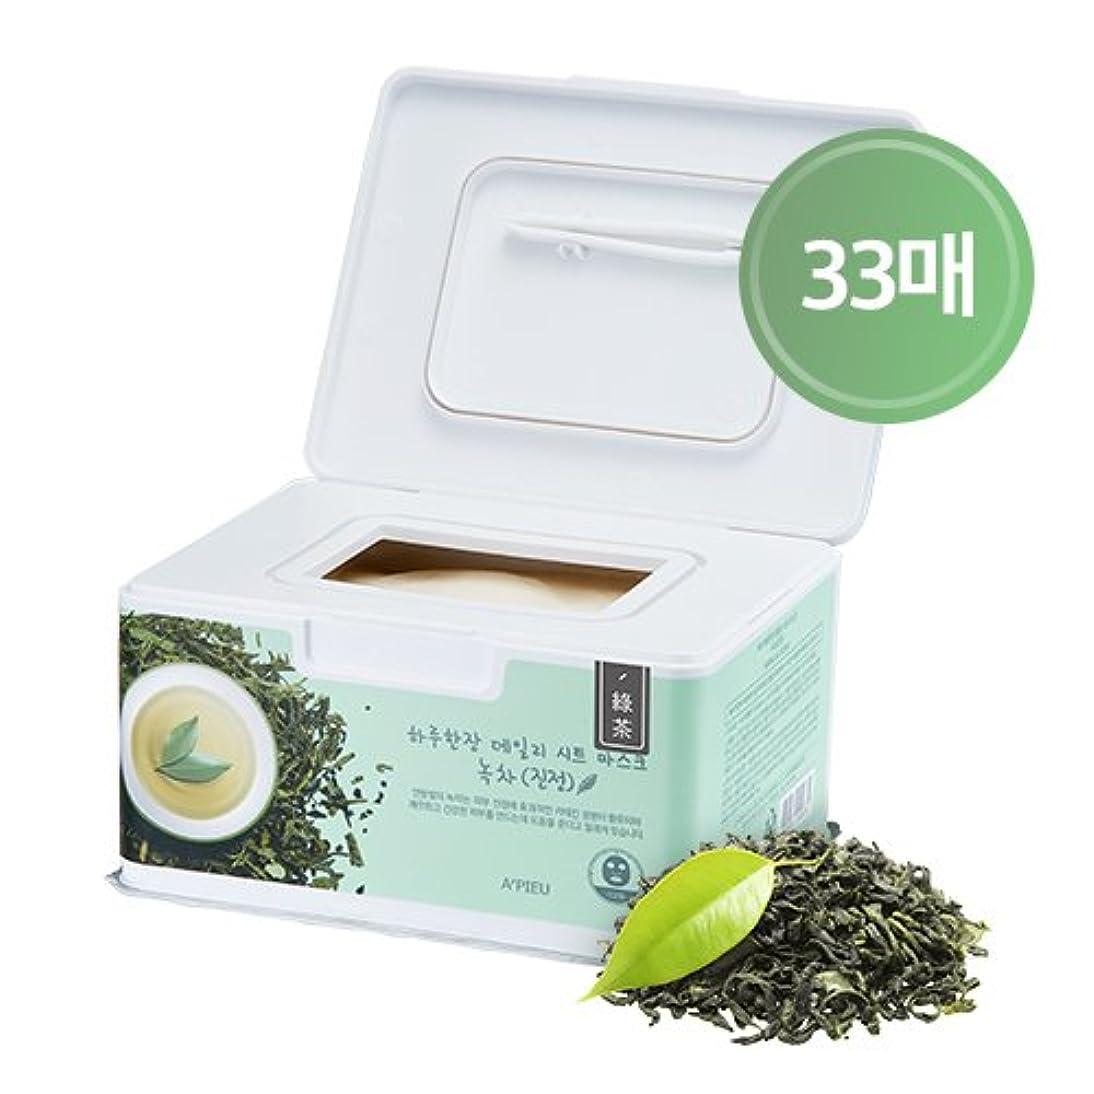 アルプス速記前提条件APIEU DAILY Sheet Mask Green Tea (Soothing) / [オピュ/アピュ] デイリーシートマスク_緑茶 (スージング) [並行輸入品]